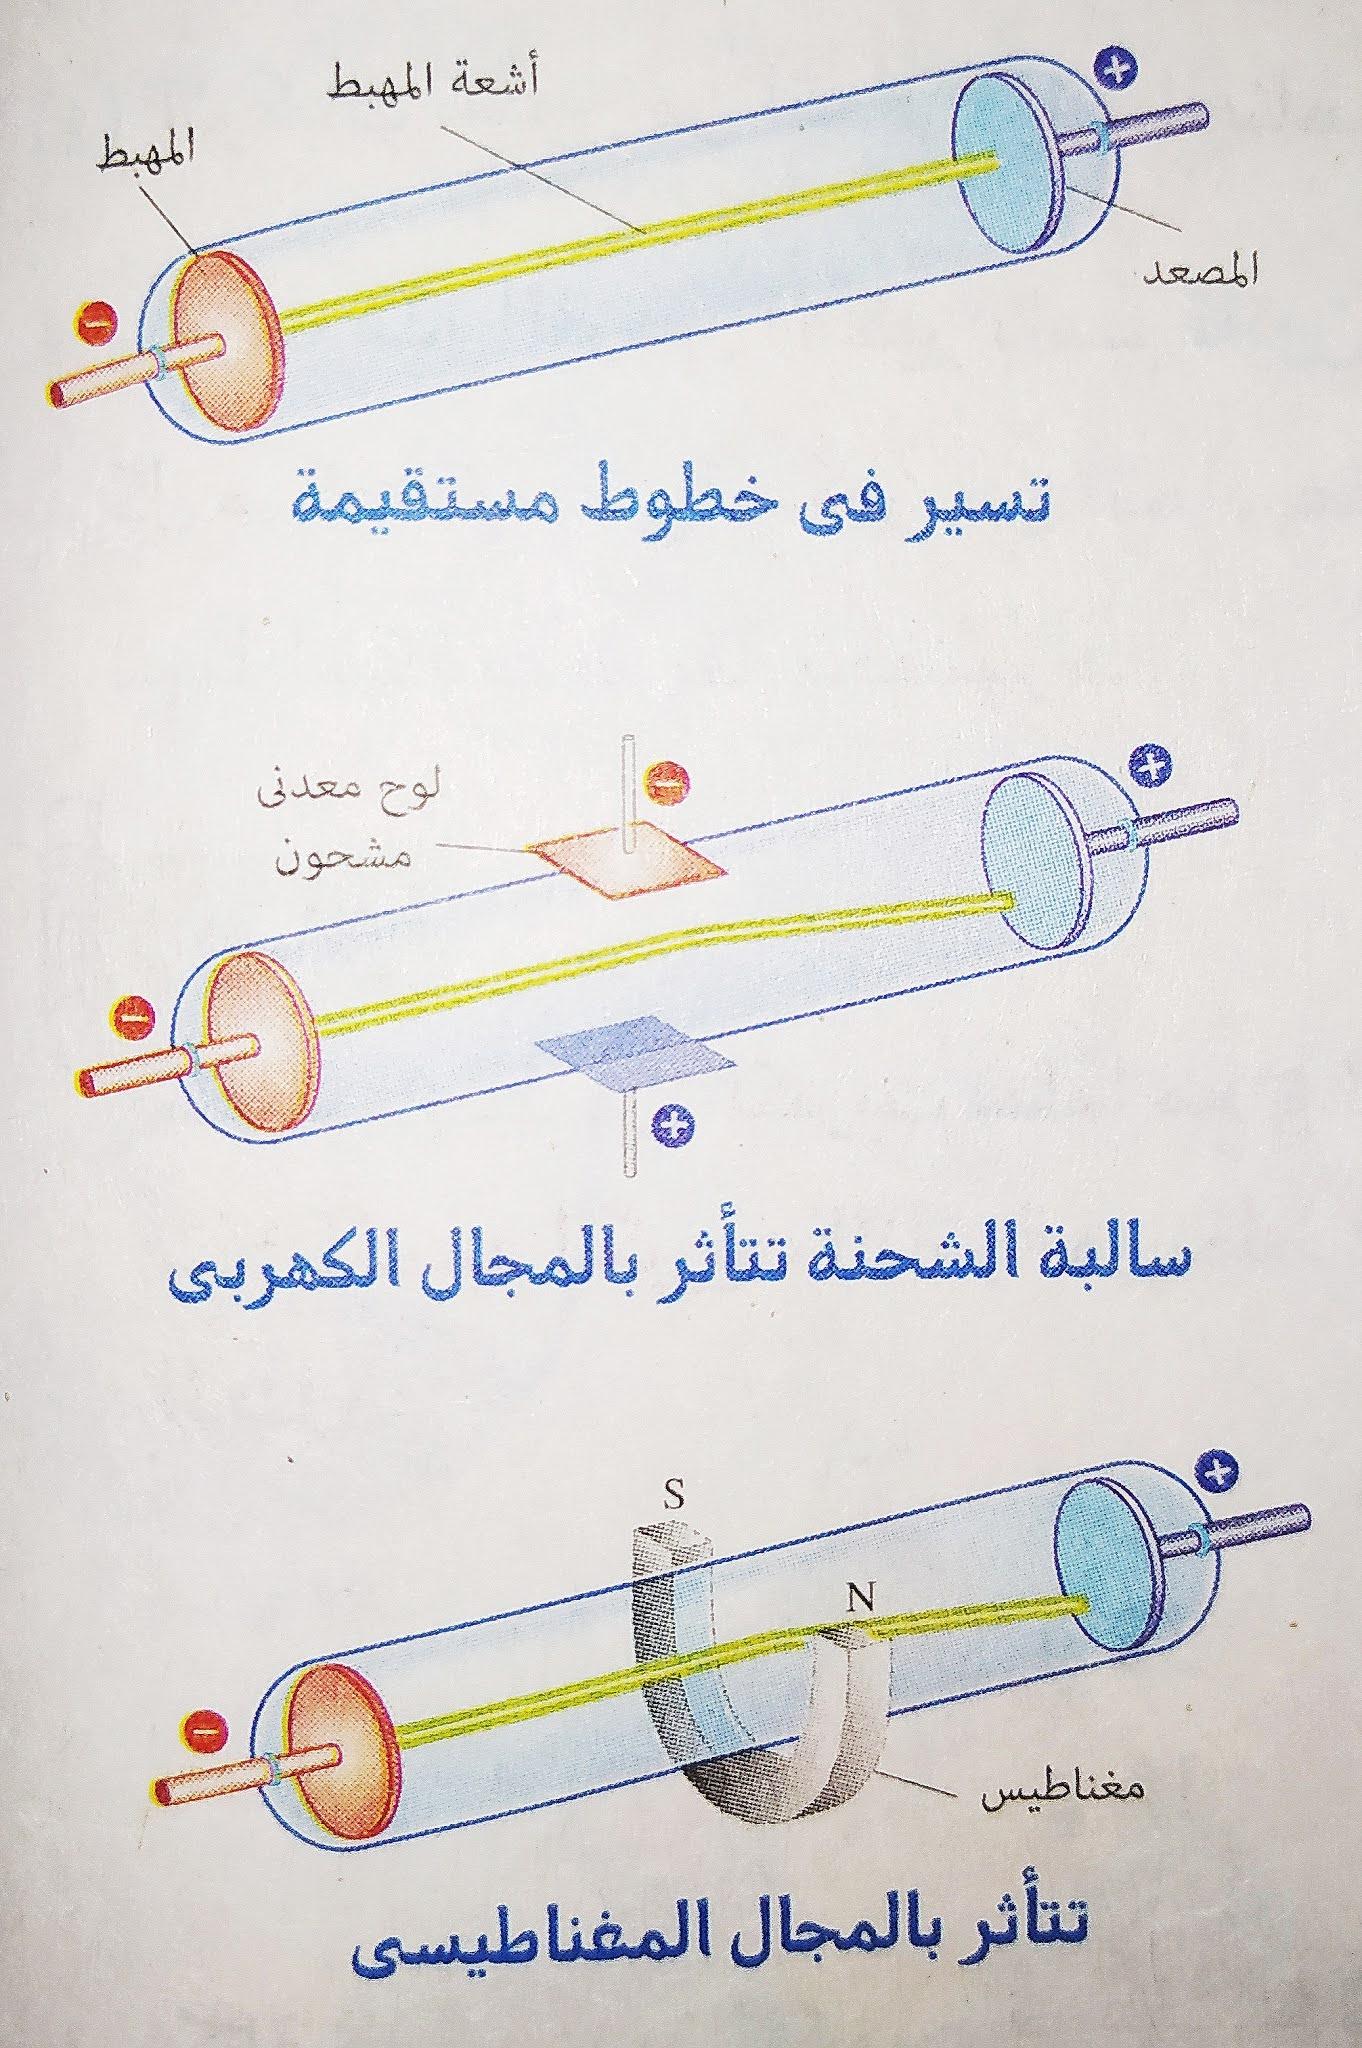 شرح بنية الذرة ( الصف الثاني الثانوي )